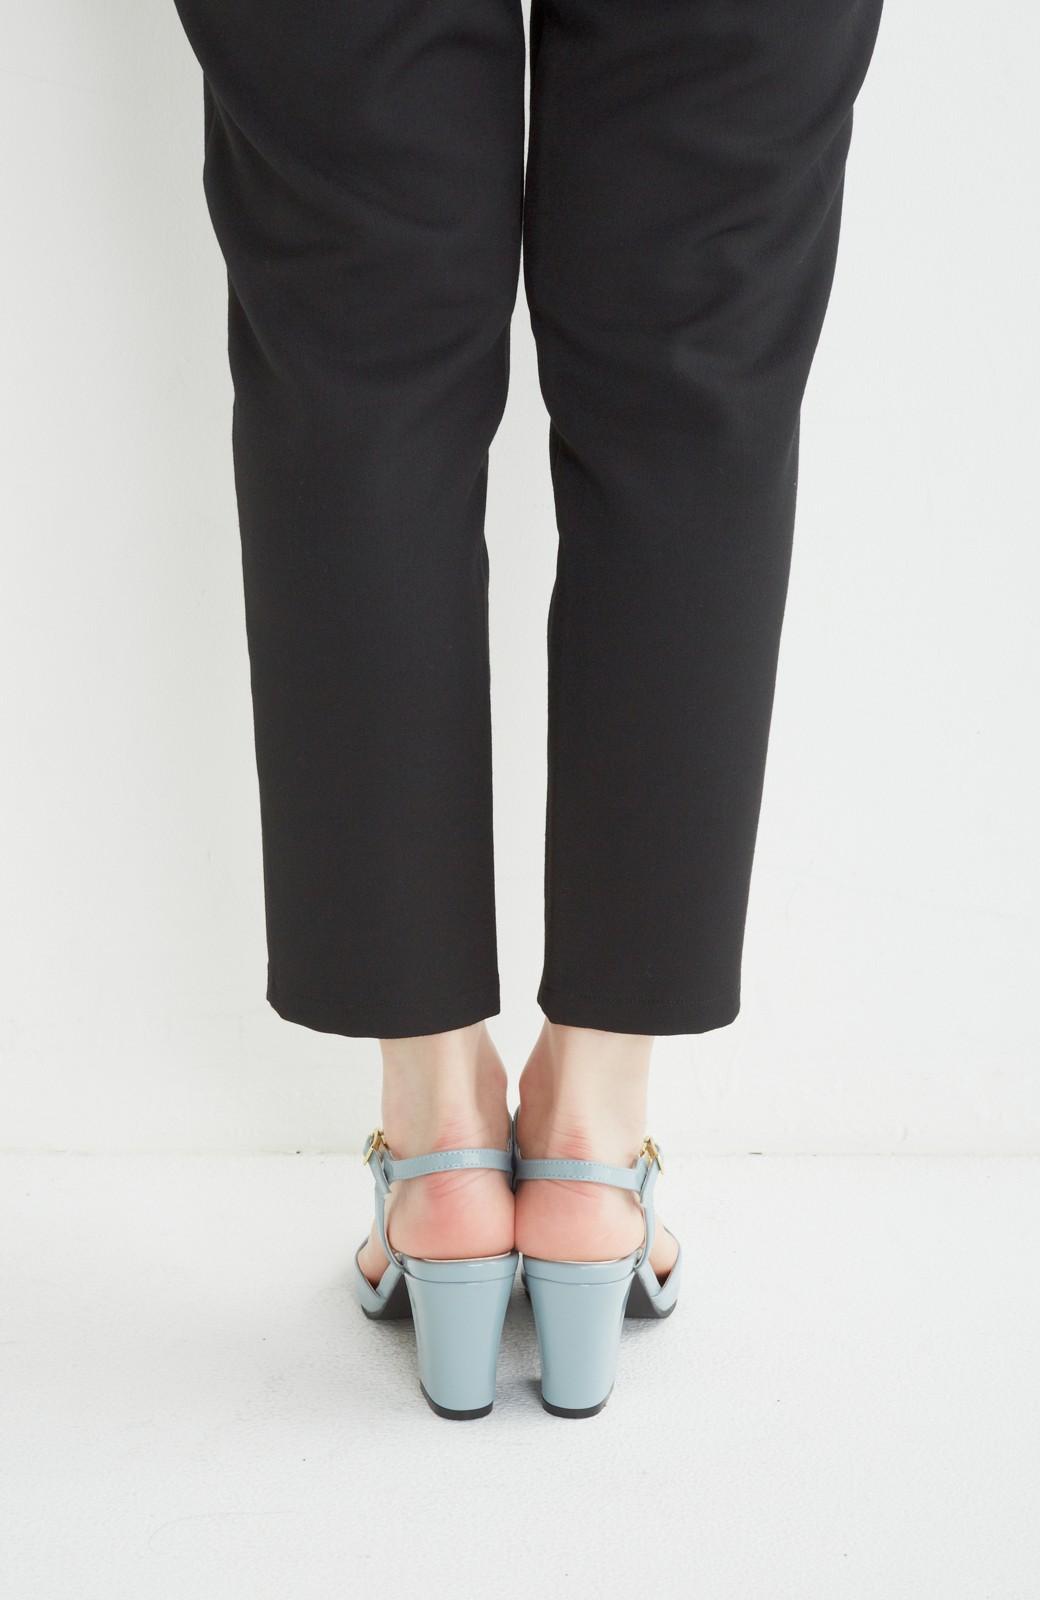 SHE THROUGH SEA おでかけの日に大切に履きたい、Tストラップパンプス <グレイッシュブルー>の商品写真4